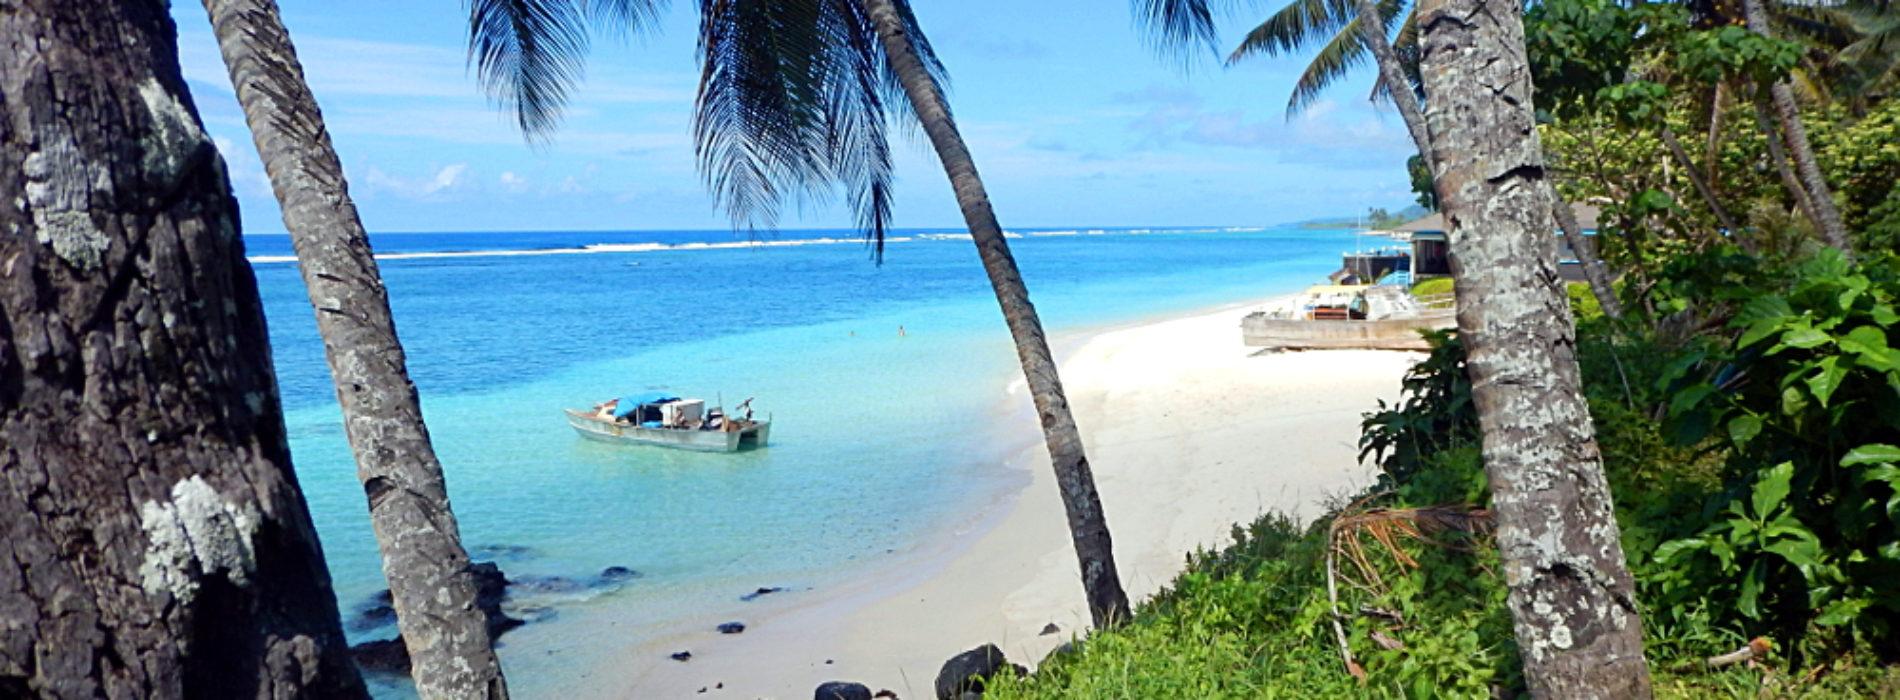 Backpack en Polynésie : les îles volcaniques Samoa